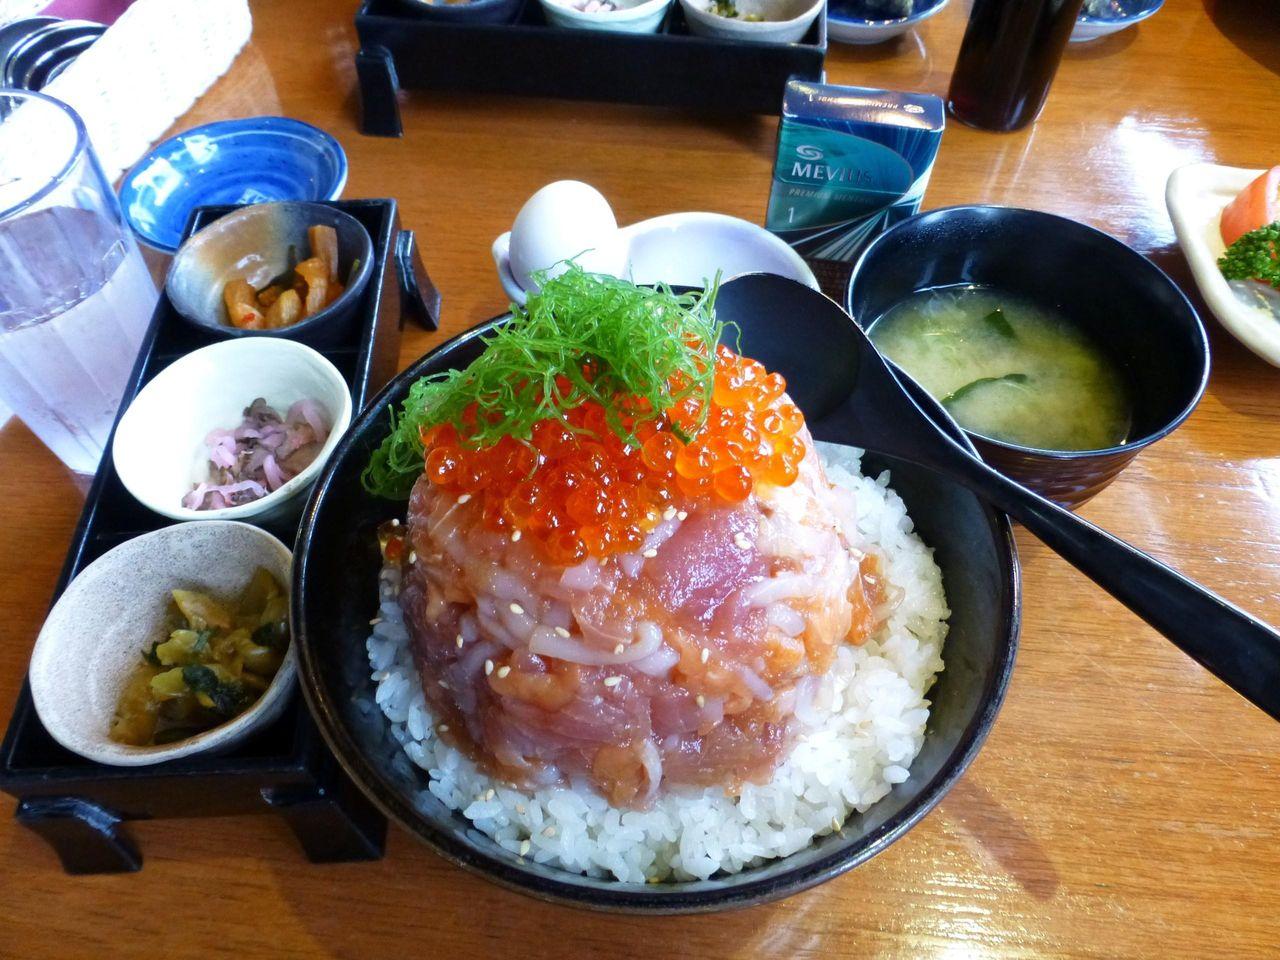 漁師の漬け丼2,360円は、漬物3種、温泉卵、みそ汁付き!